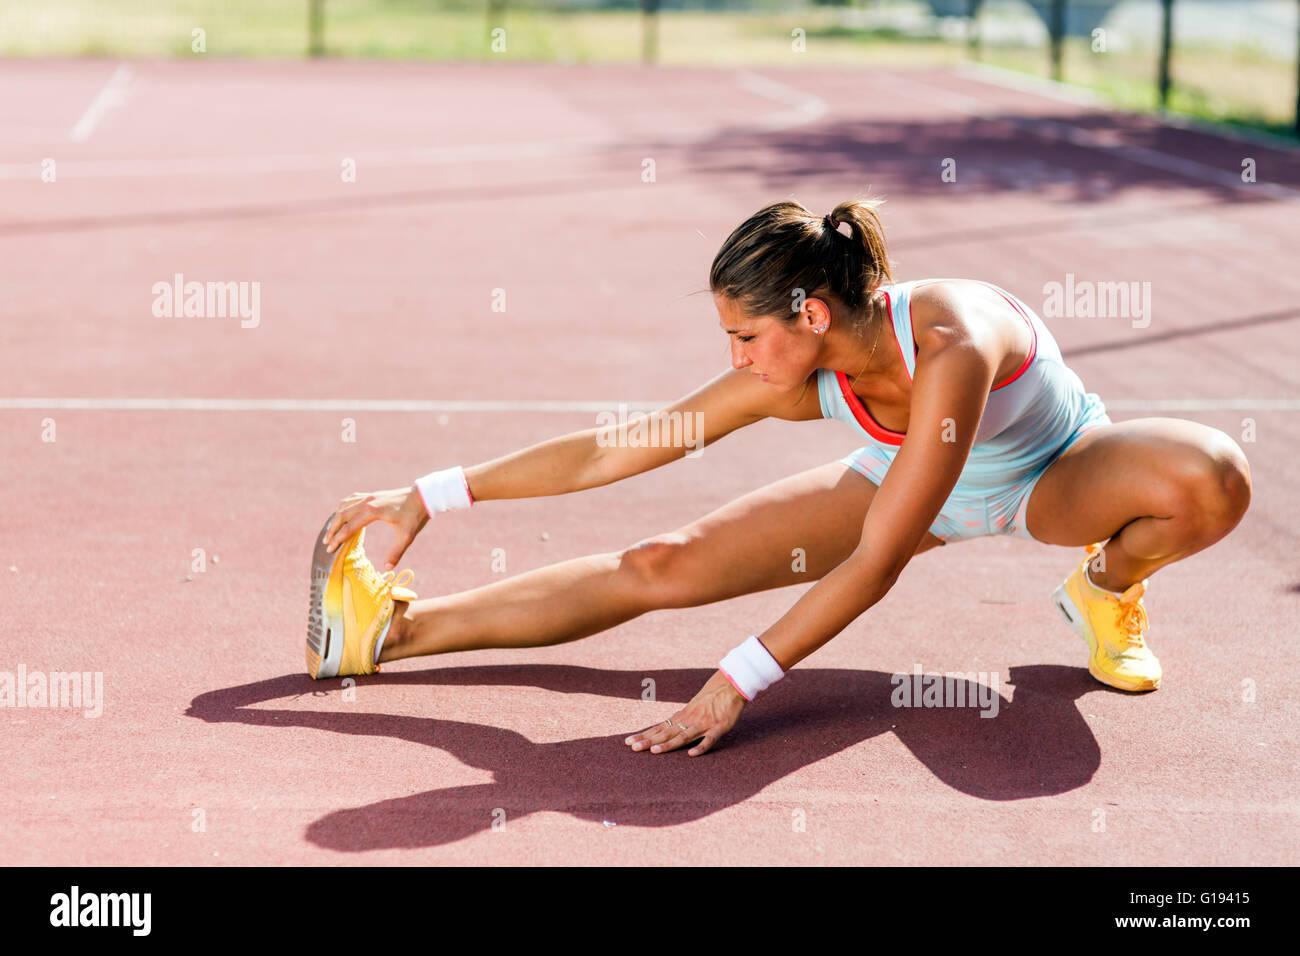 Bellissima giovane donna atletica stretching in estate prima di eseguire Immagini Stock